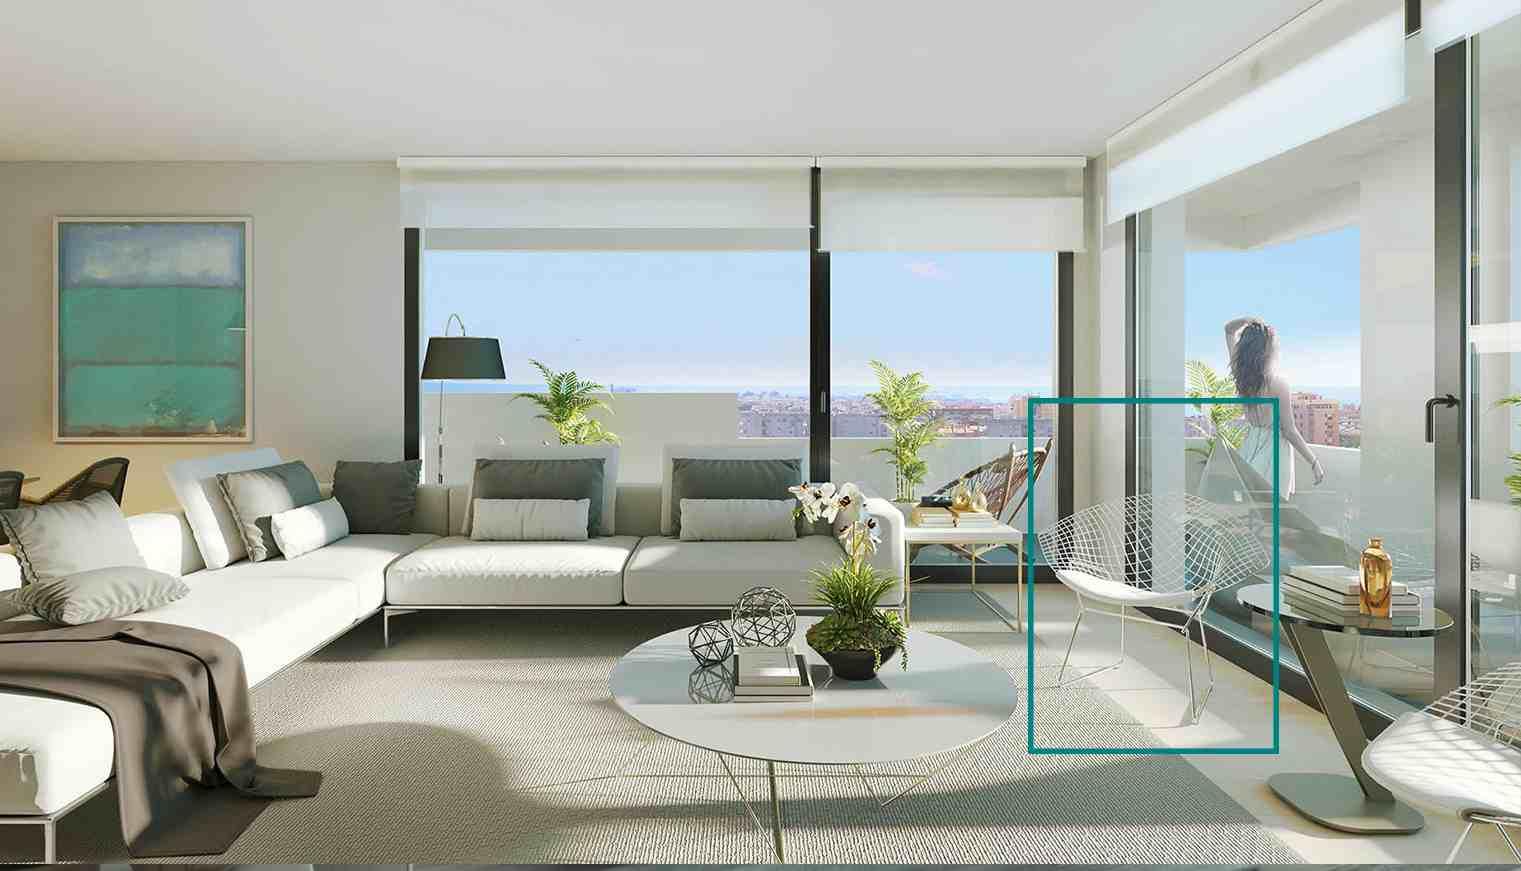 como decorar tu casa Mediterrània 1